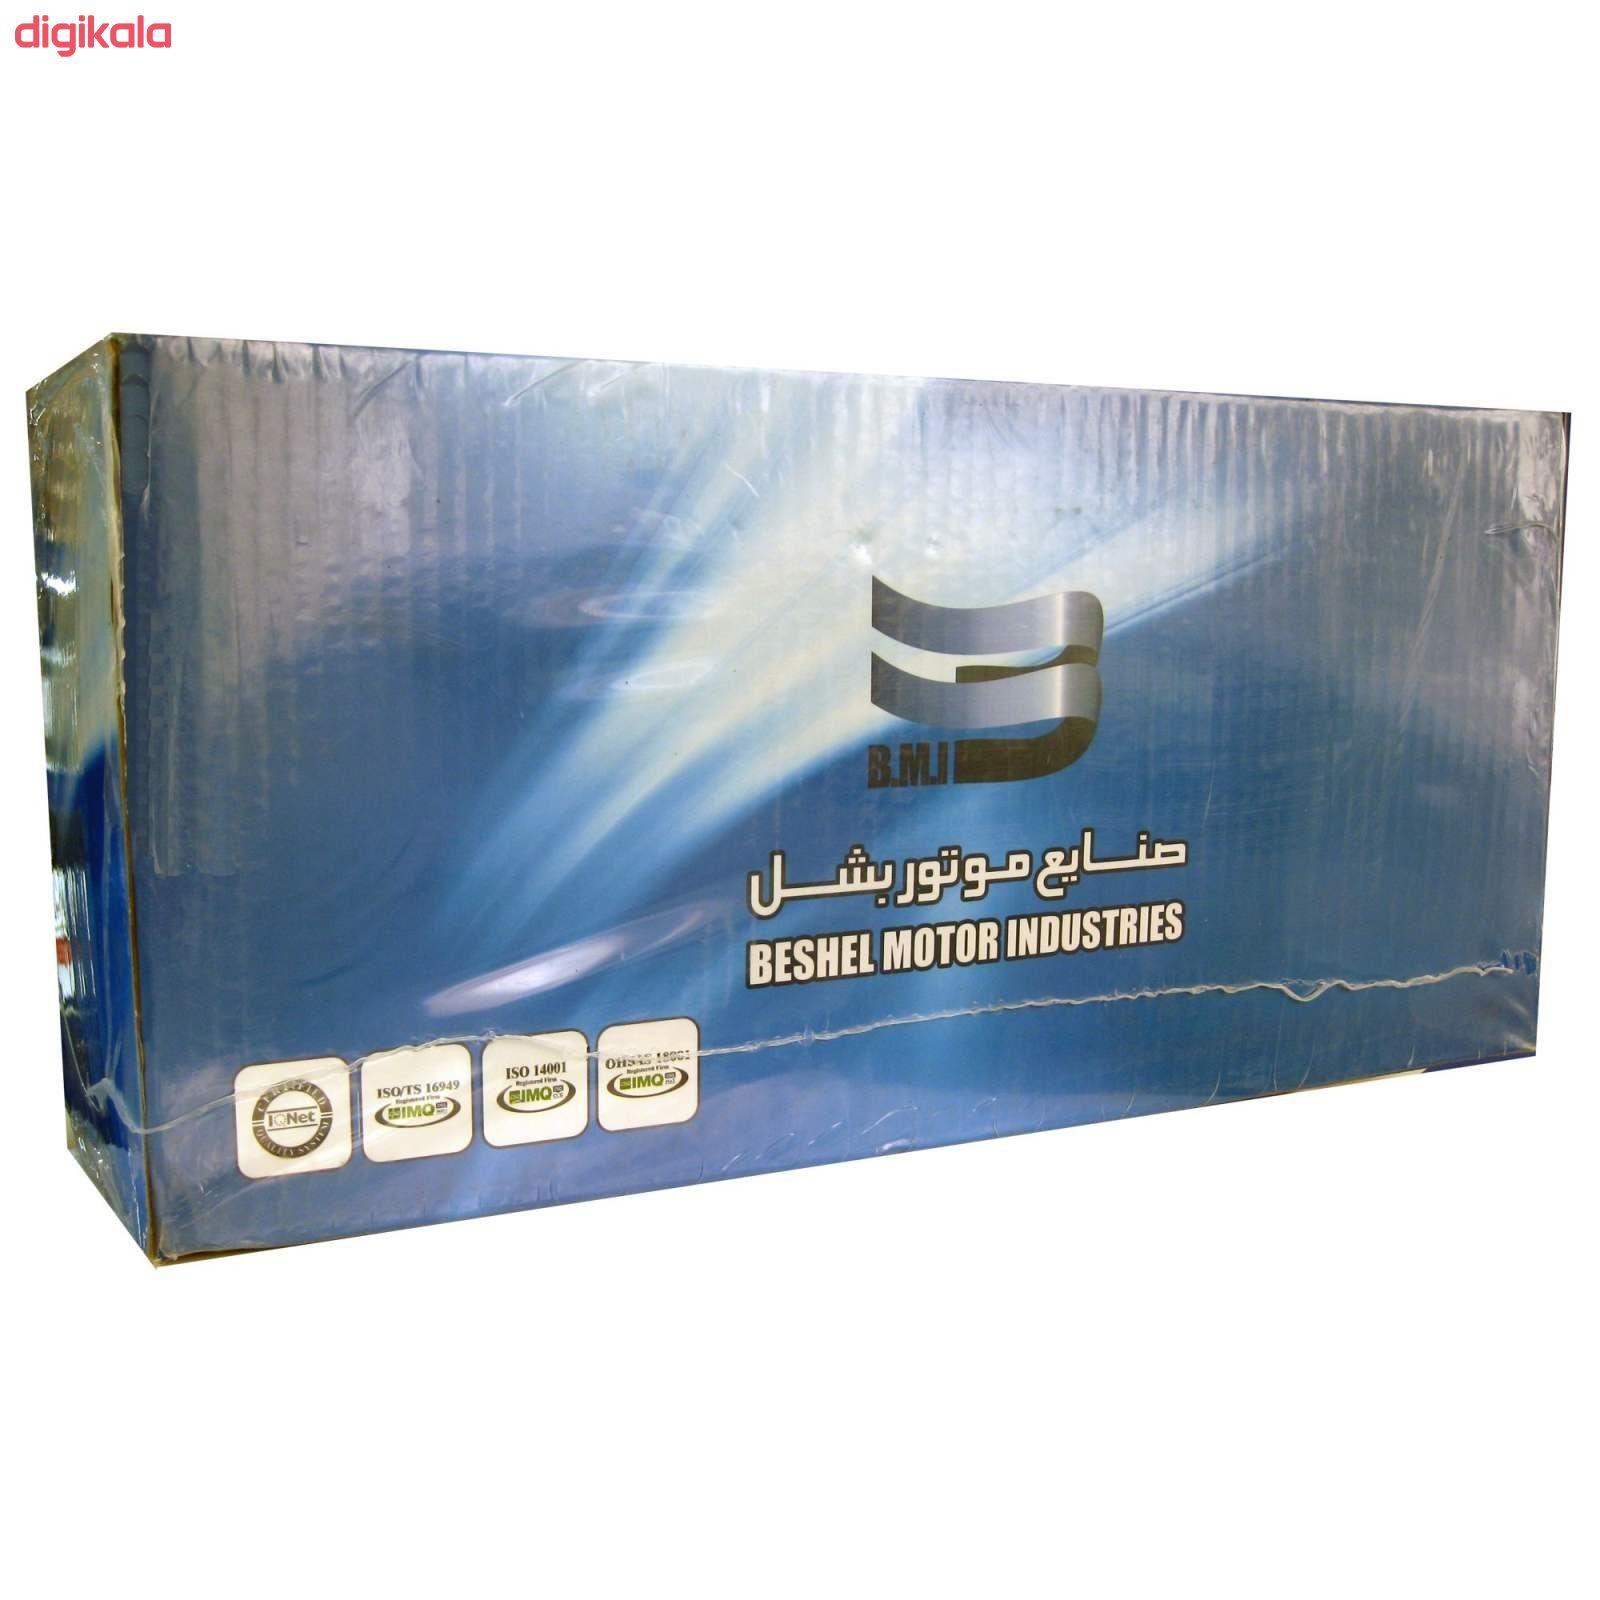 سرسیلندر صنایع موتور بشل کد 02788 مناسب برای پژو 405 main 1 3